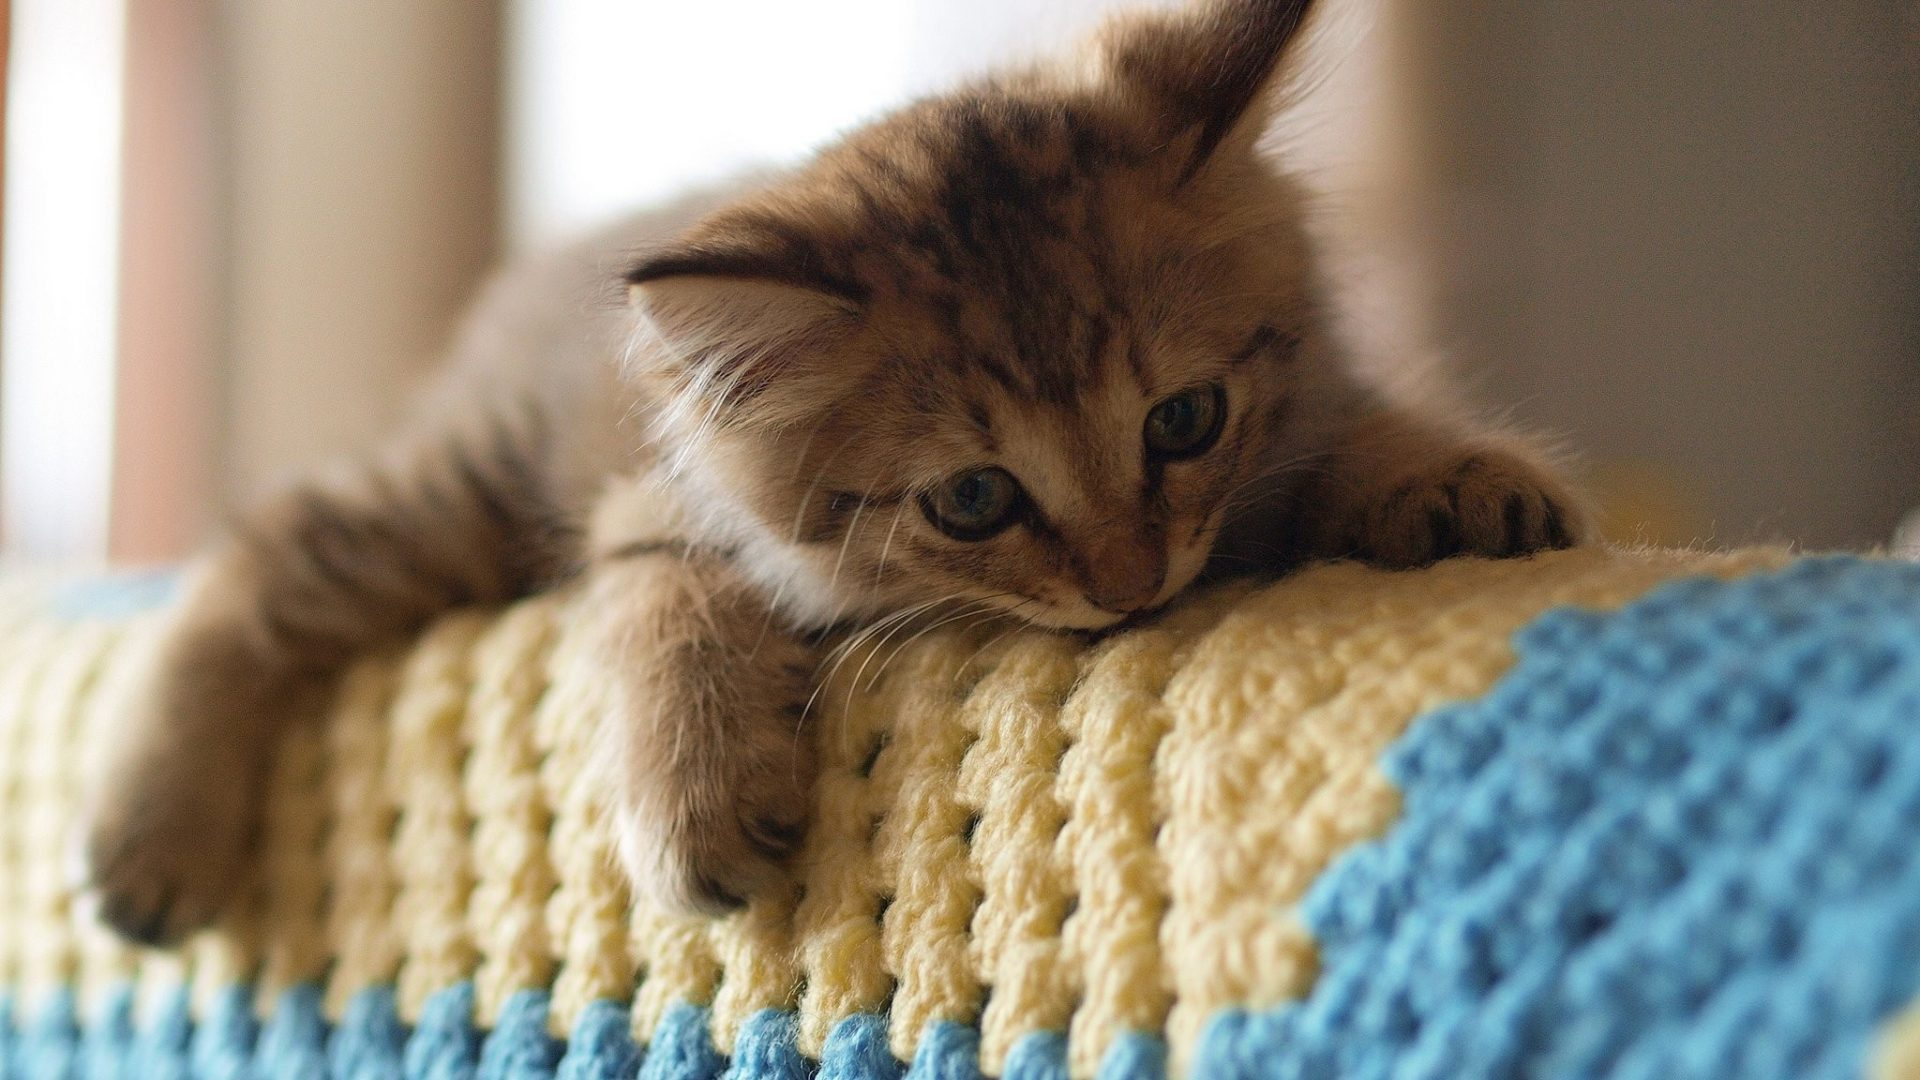 بالصور اجمل صور قطط , صور جميله عن القطط 6108 12